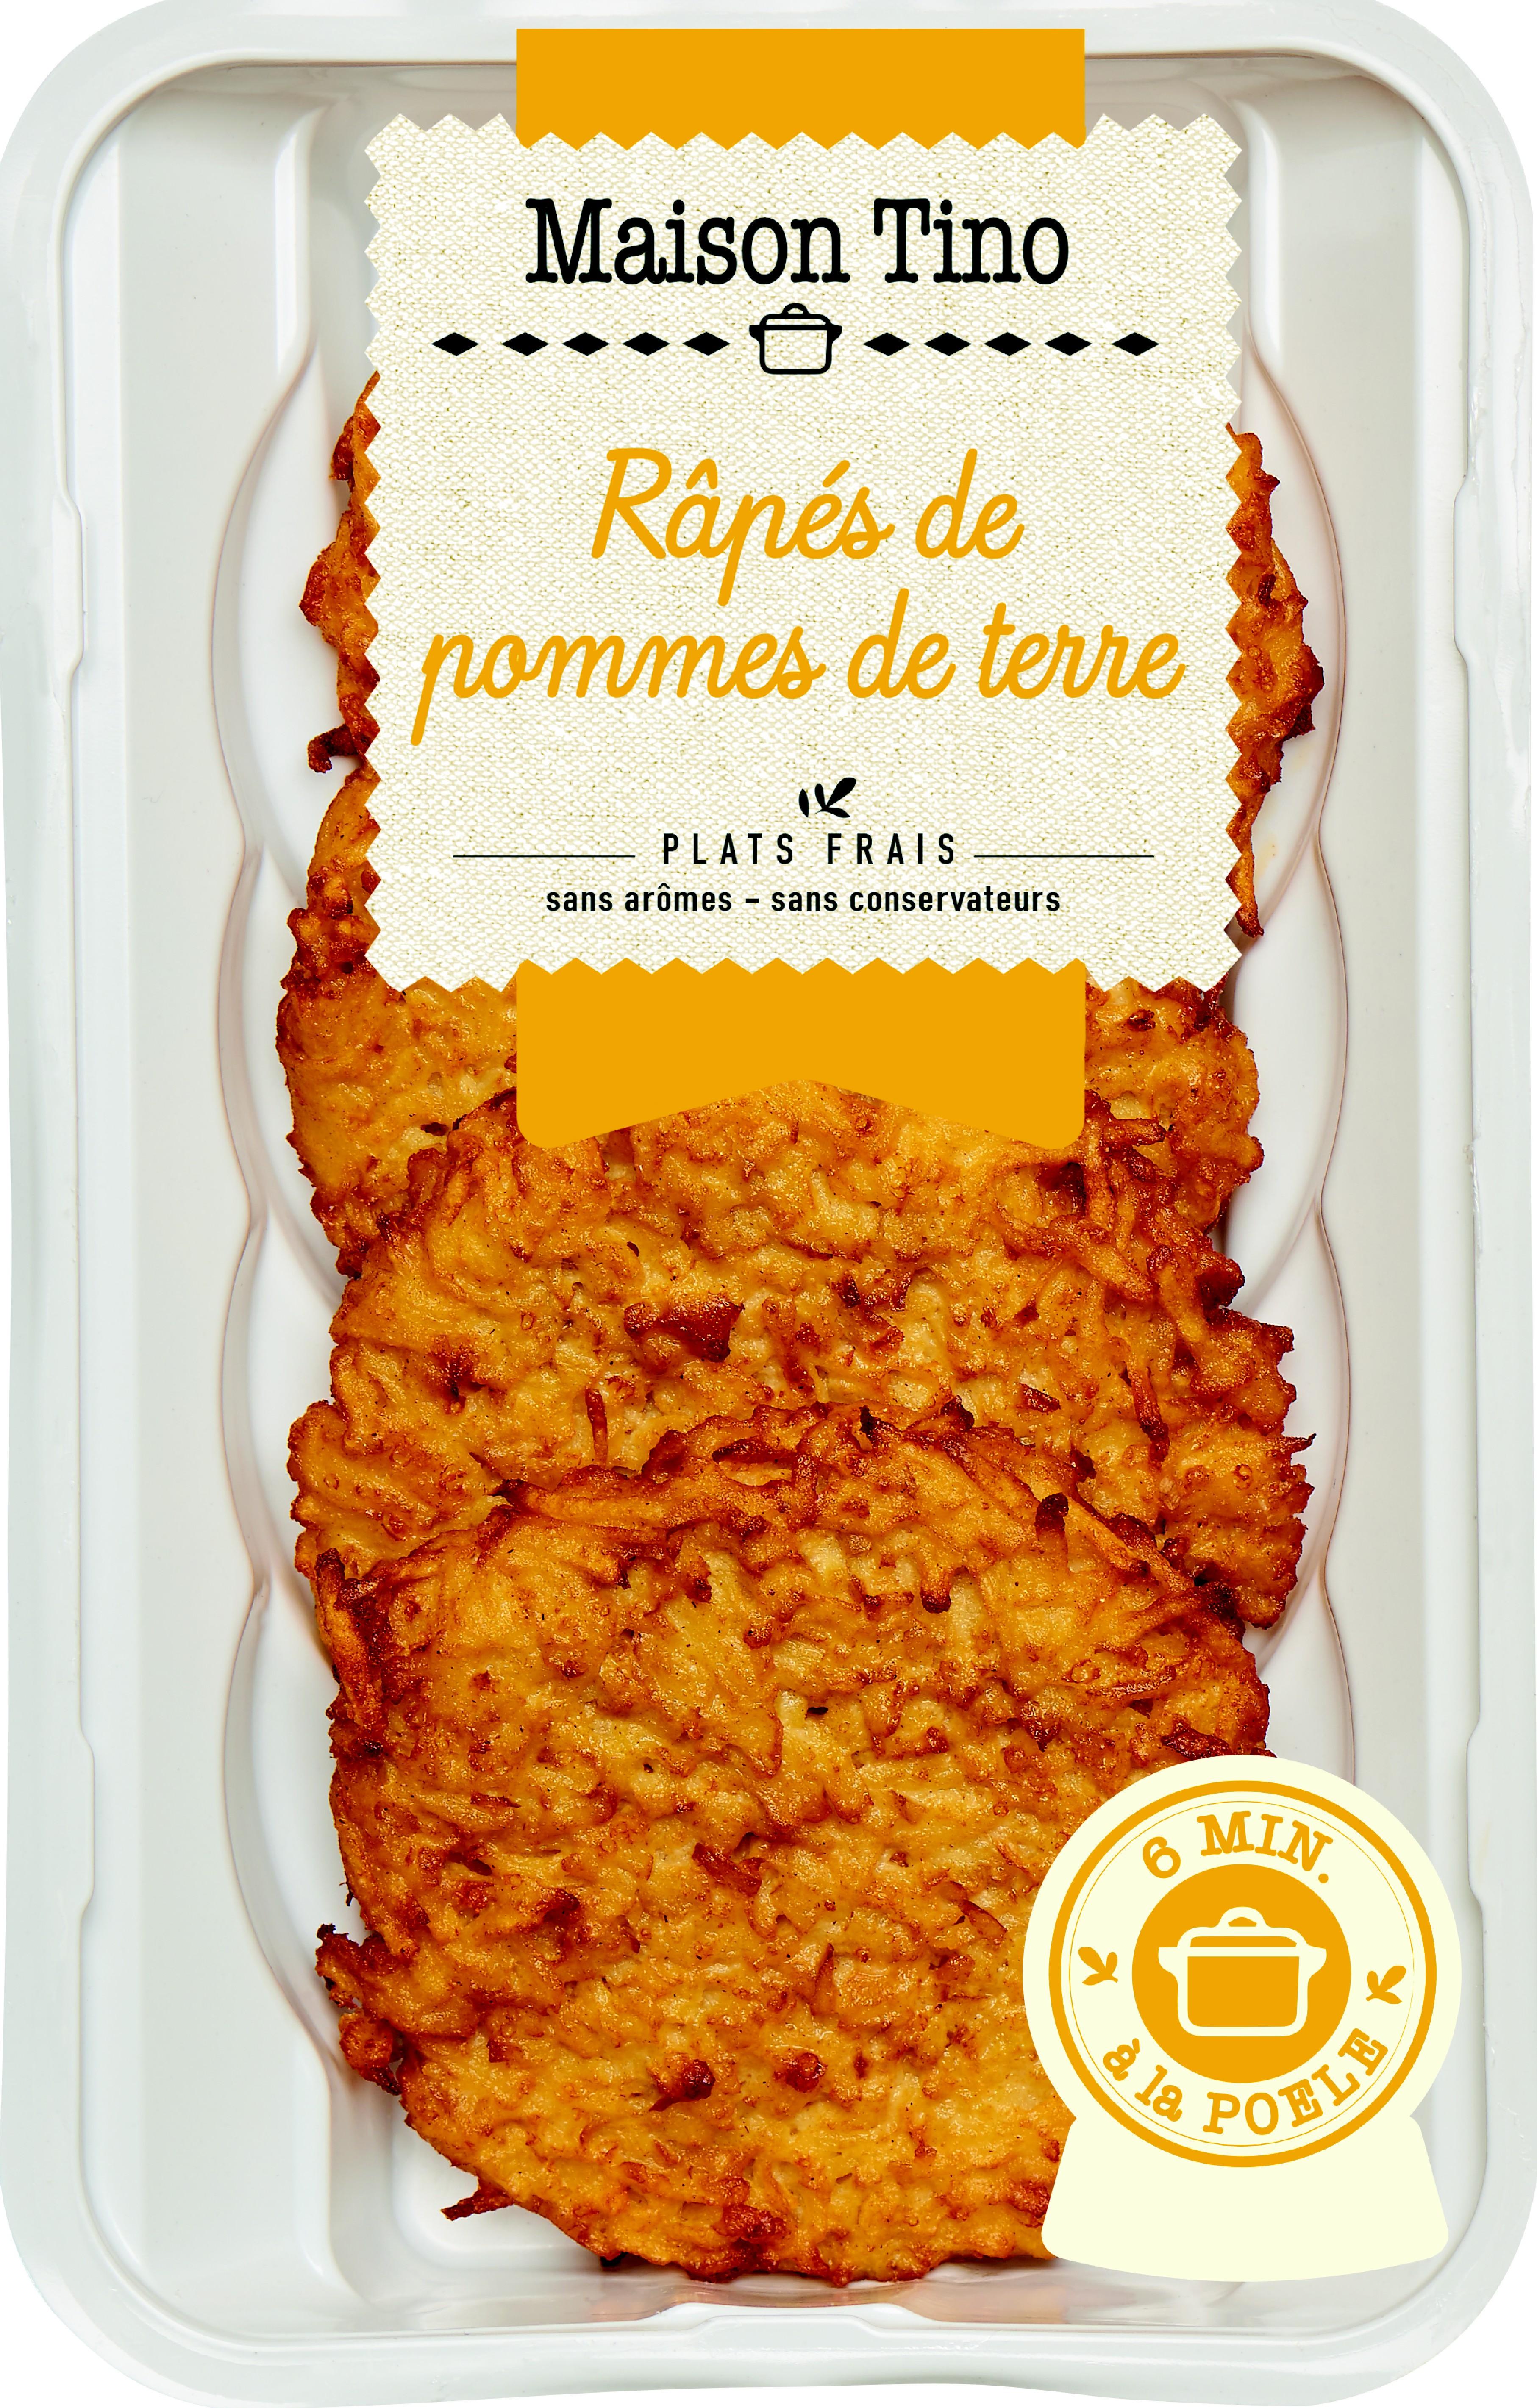 Râpés de Pommes de terre, Maison Tino (4 x 110 g)